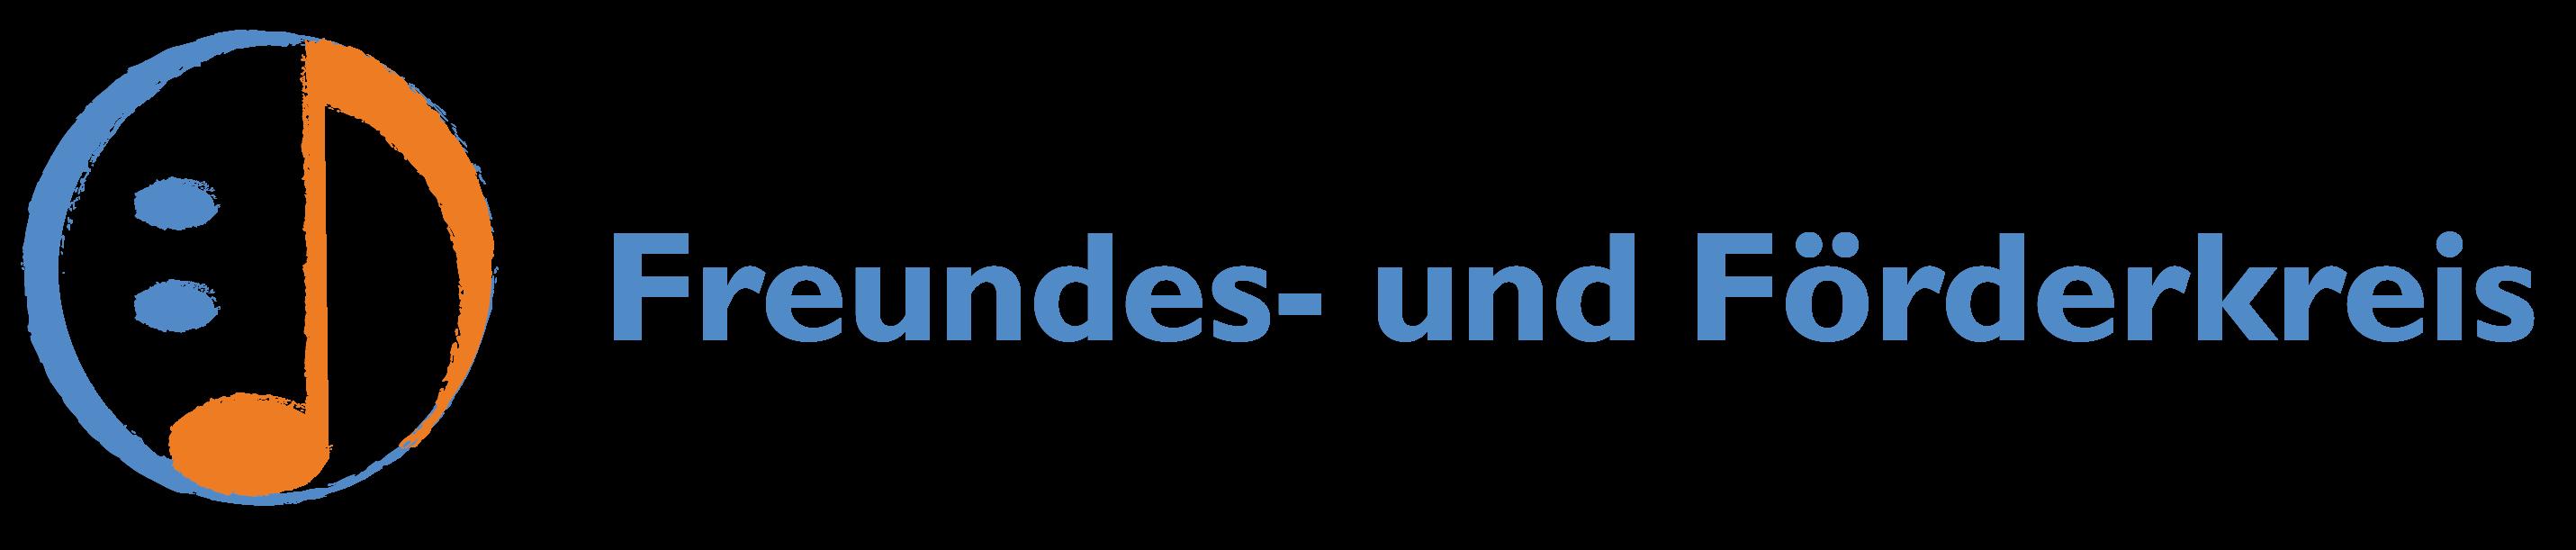 Freundeskreis- und Förderkreis der Musikschule Reinickendorf e.V.